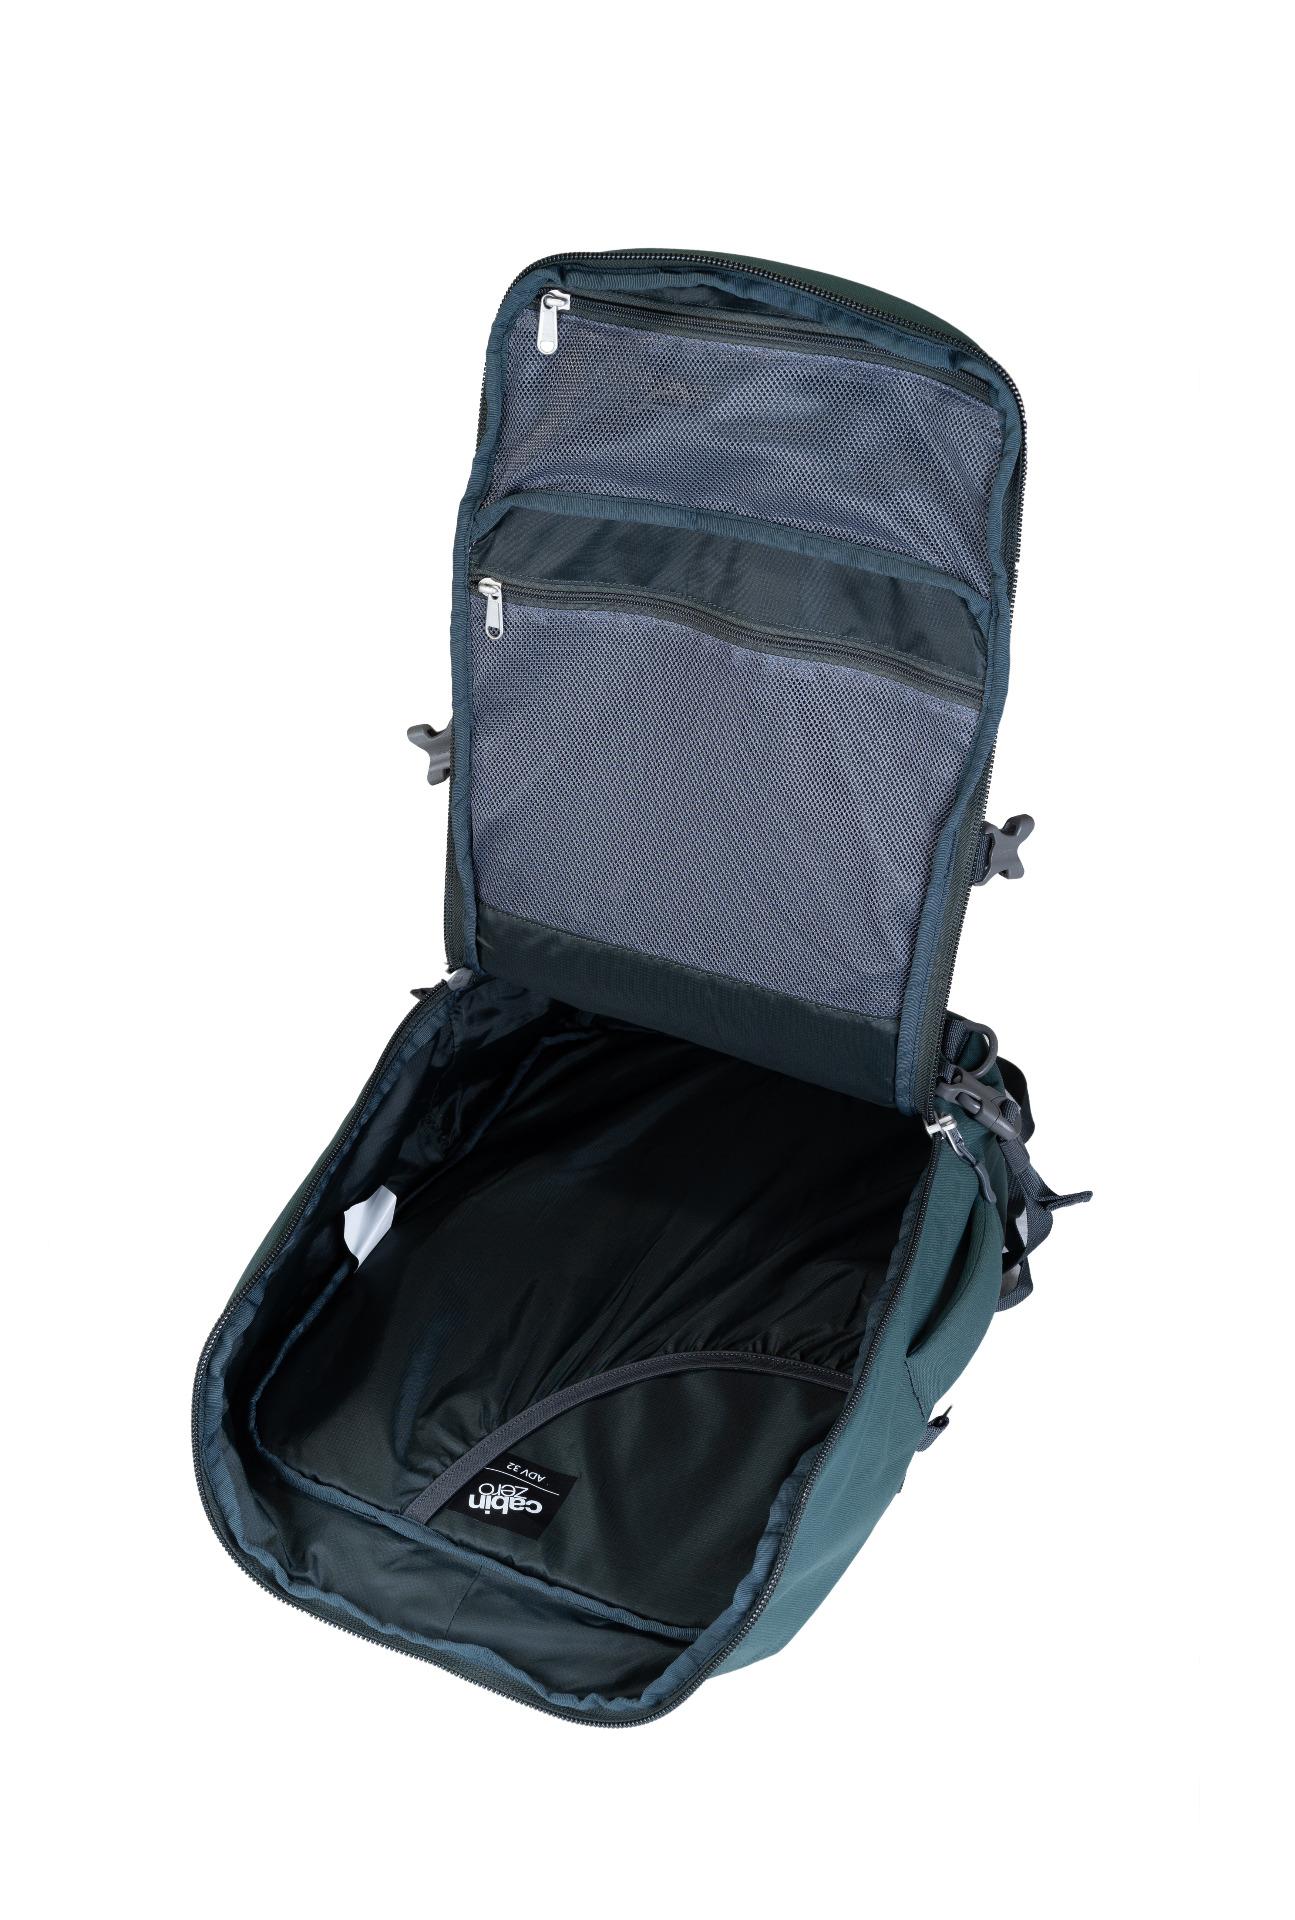 """CabinZero Adventure 32L Mossy Forest.  spĺňa rozmery palubnej batožiny ultraľahký možnosť plnenia zhora i spredu vďaka širokému otváraniu nastaviteľné čalúnené ramenné popruhy čalúnený chrbtový panel balančné popruhy pre pritiahnutie nákladu bližšie k chrbtu vrecko na 15,5"""" notebook špeciálne YKK zipsy uzamykateľné zipsy horné a bočné madlá veľké predné vrecko na zips pre jednoduchú orientáciu a balenie vnútorné sieťované vrecká hrudný pás oddelené vrecko na fľašu bočné kompresné popruhy vodný stĺpec 1500 mm disponuje očkami pre pripnutie crossbody popruhu systém Global Luggage Tracker pre uľahčenie vrátenia batožiny  Čo je Global Luggage Tracker od spoločnosti Okoban? Ide o bezpečnostný prvok s unikátnym kódom, vďaka ktorému sa môže späť do rúk svojho majiteľa dostať stratená a znovu nájdená batožina."""